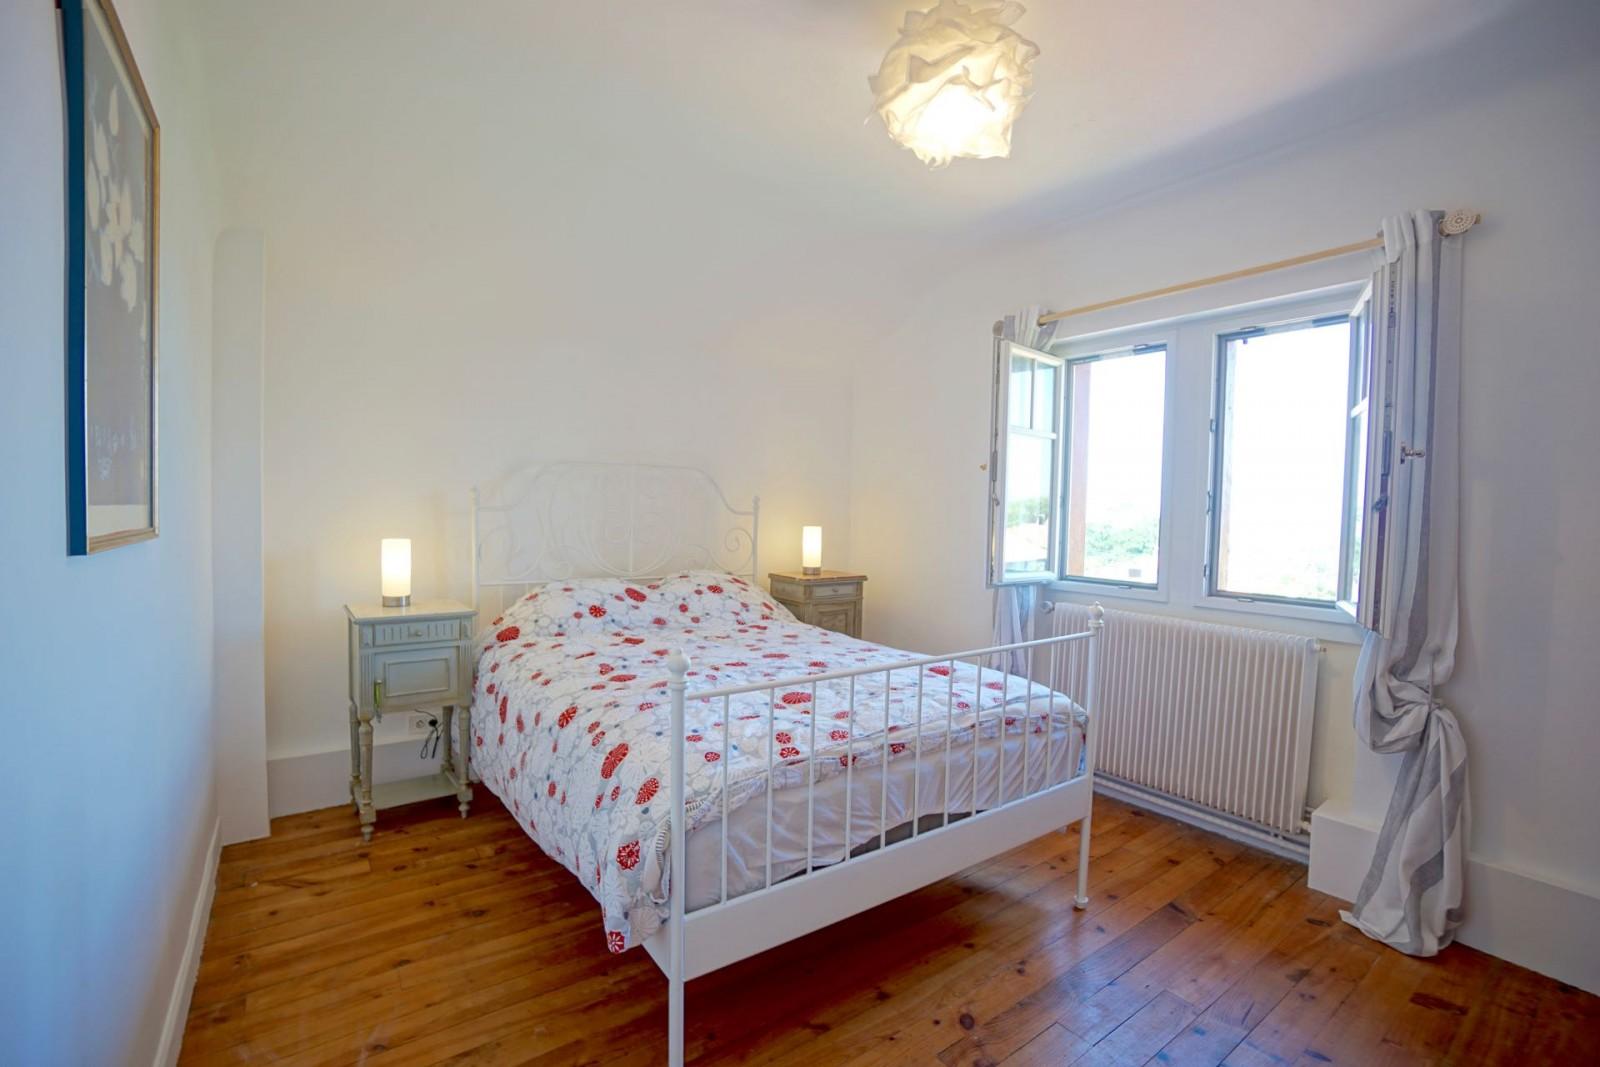 #703E15 VILLA DE CHARME PLAGES A PIED Agence OLAIZOLA  2893 plage de la petite chambre d'amour anglet 1600x1067 px @ aertt.com